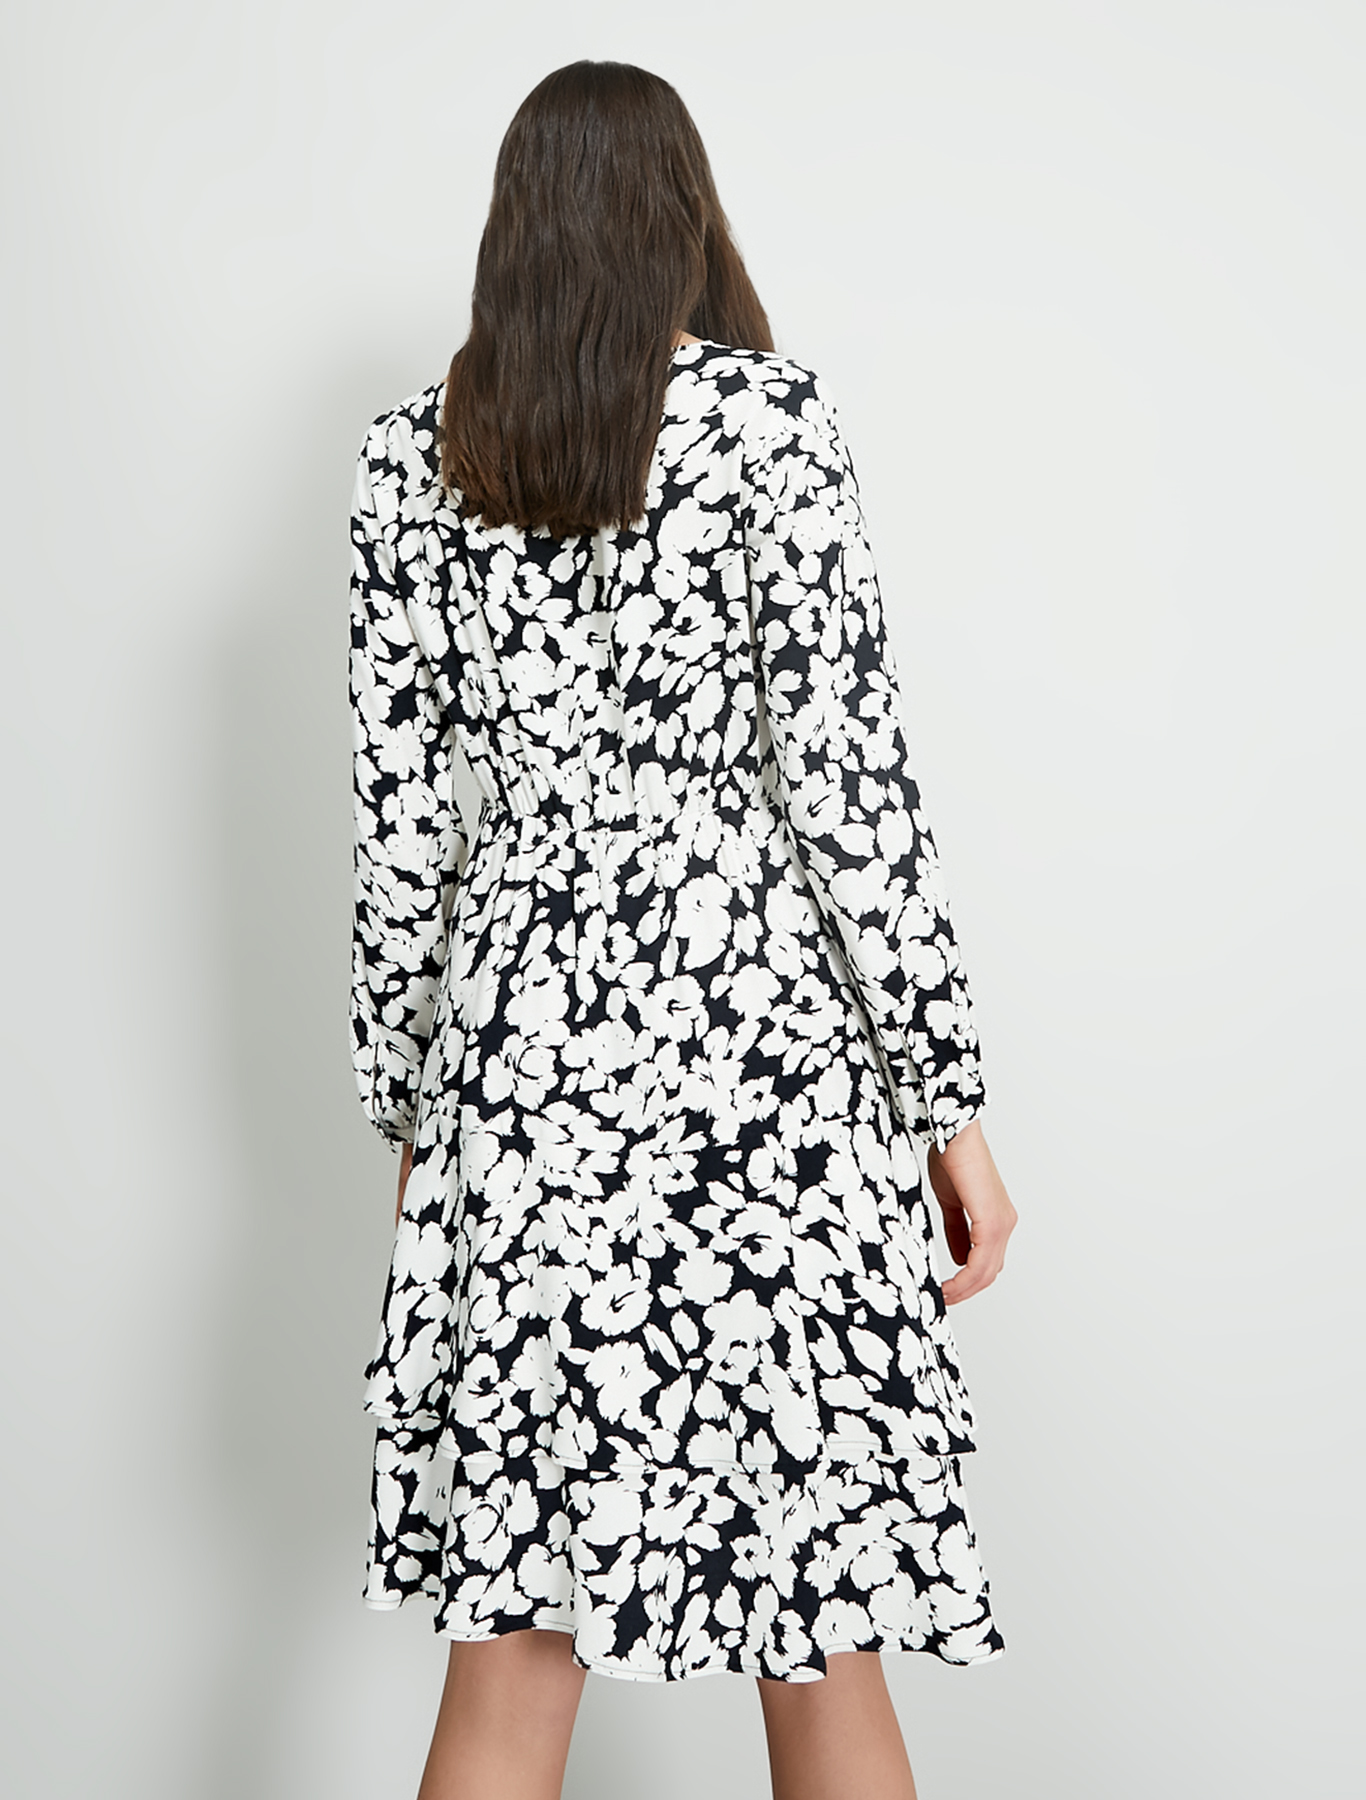 Black & white sablé dress - black pattern - pennyblack